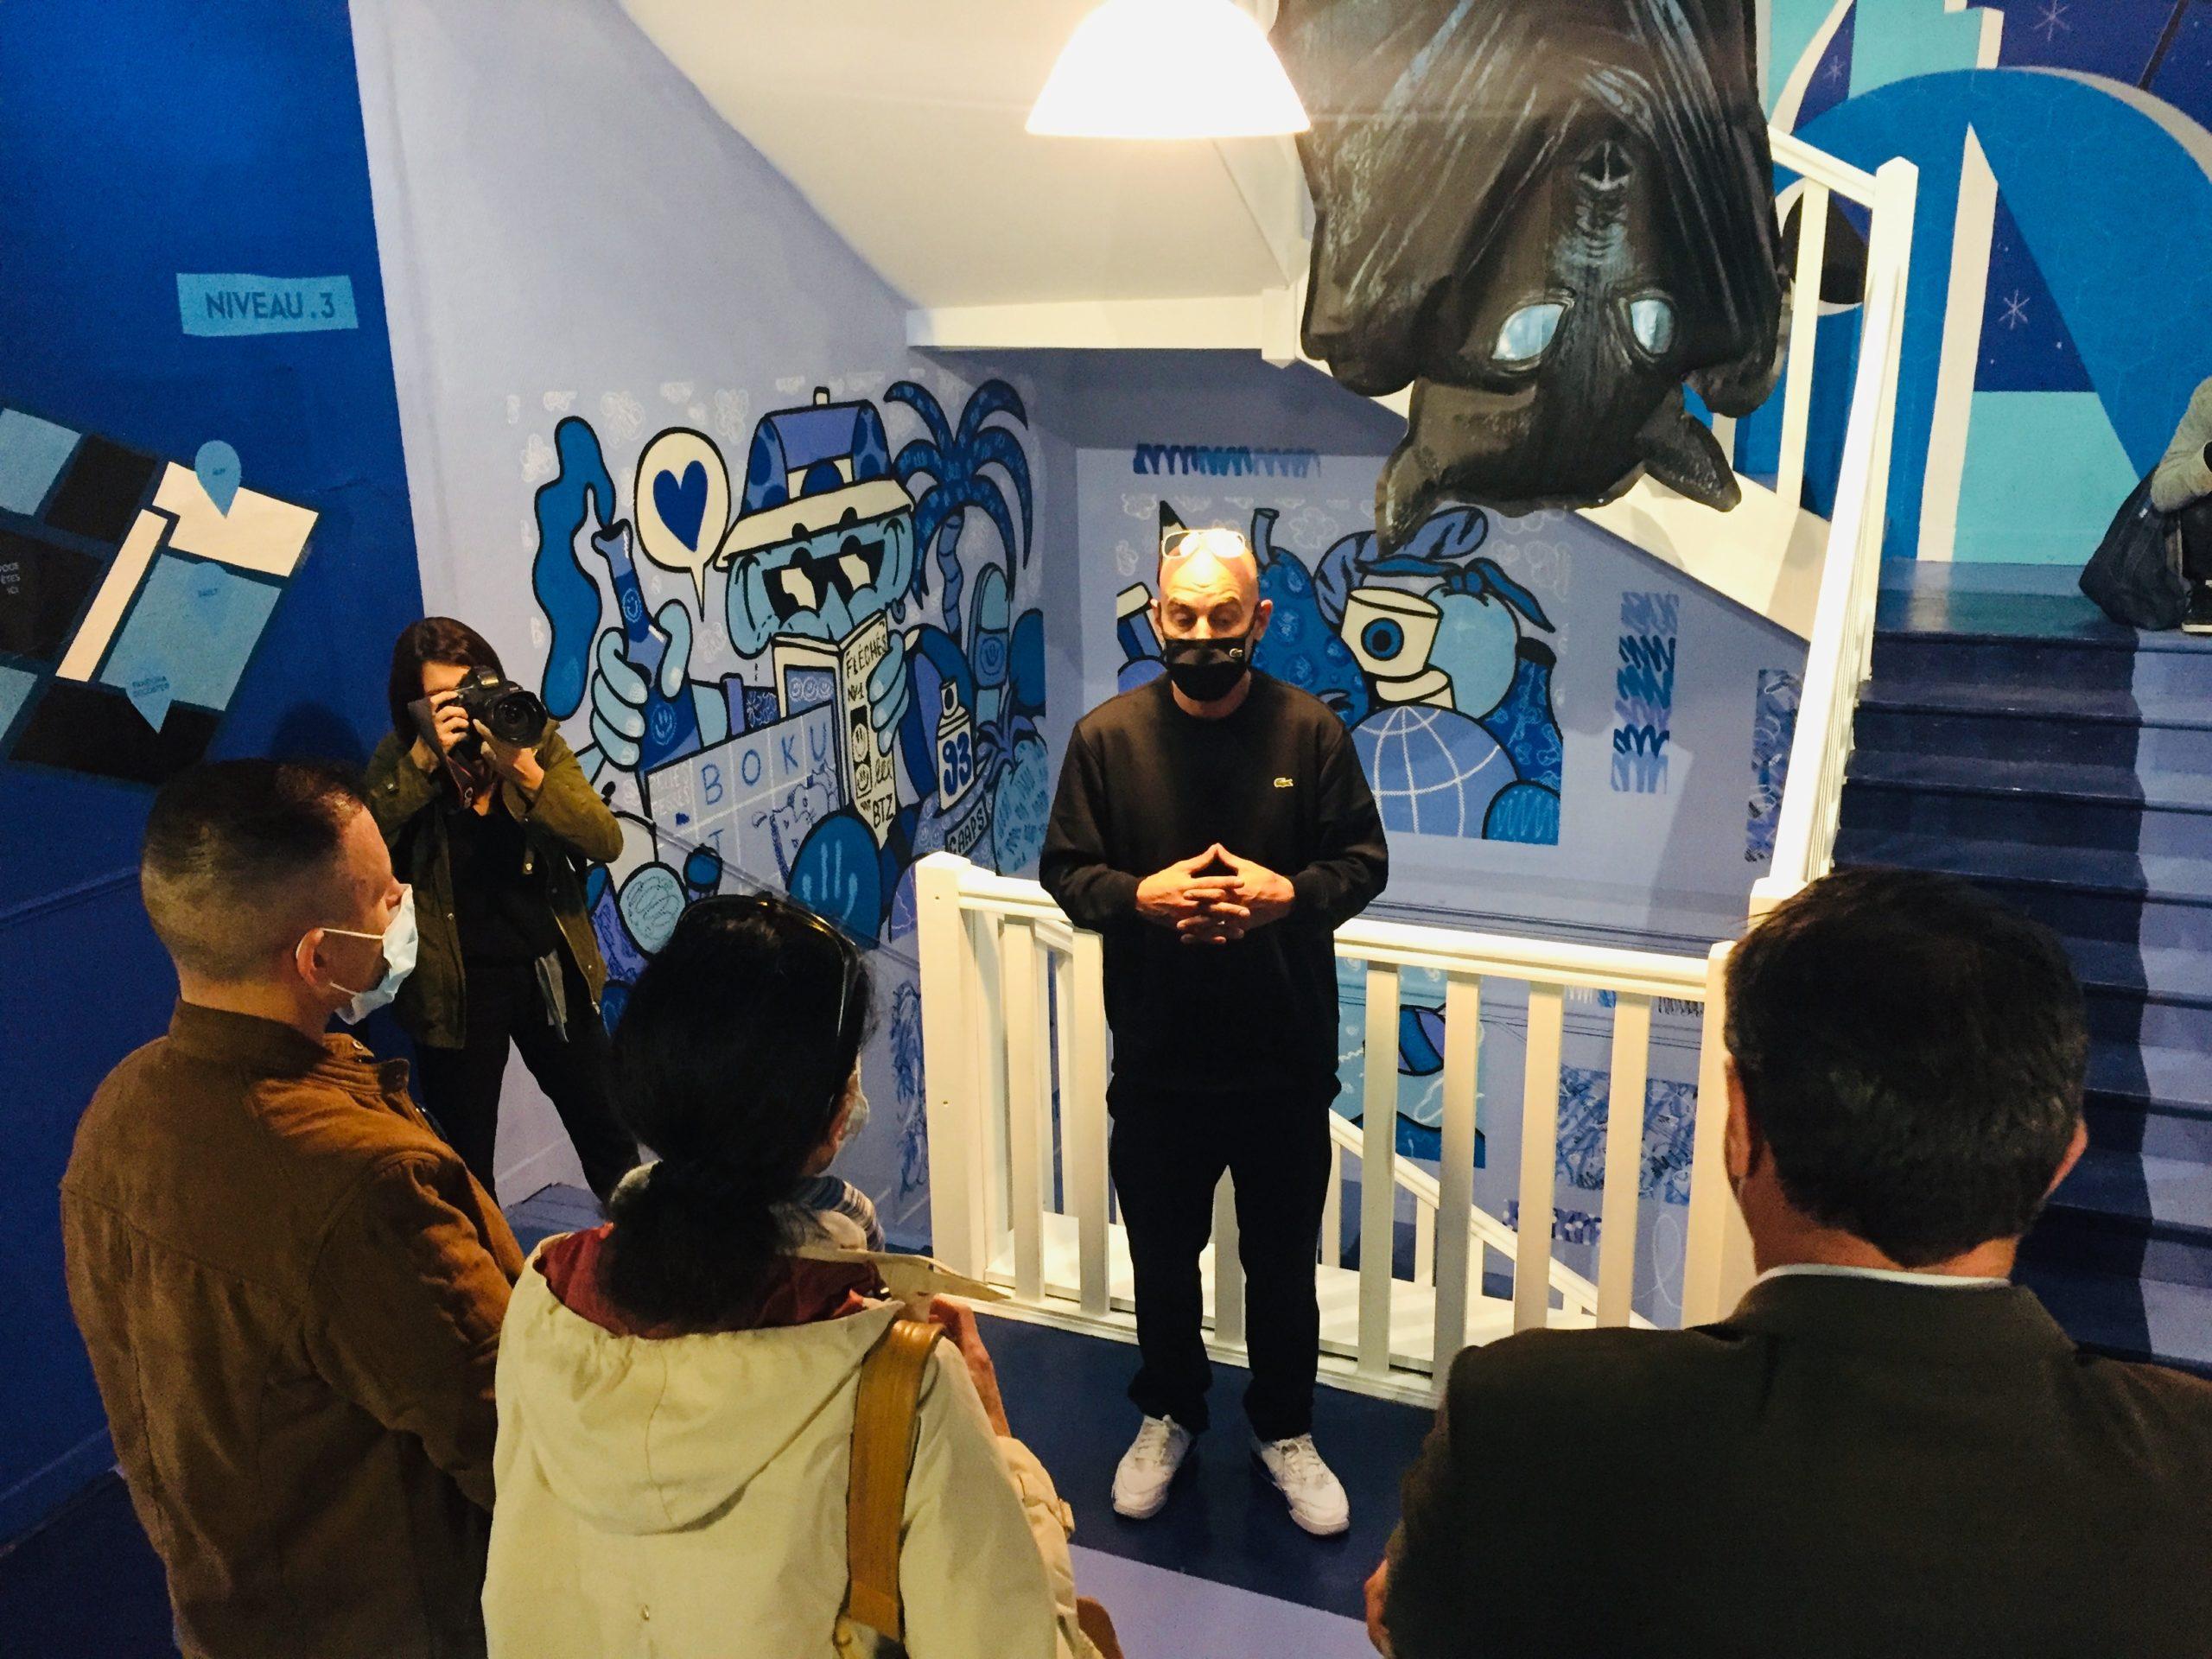 Interviews de Grems lors de l'inauguration du Colorama street art festival 2020, il est situé au centre masqué avec des journalistes autours et au milieu d'oeuvres de l'exposition